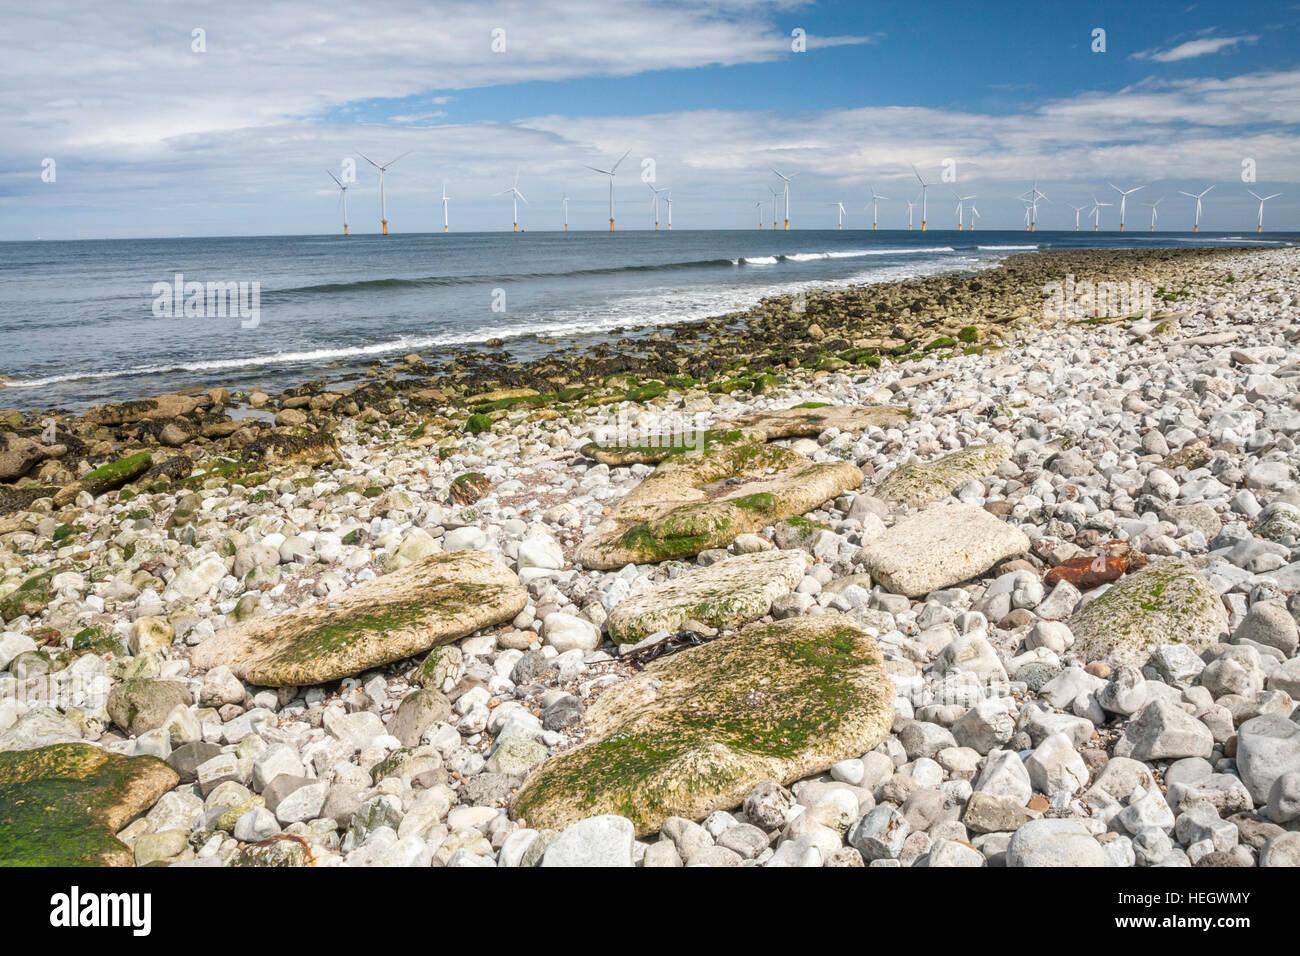 Ein Blick auf die Windkraftanlagen vor der Küste von Redcar, England, UK Stockbild